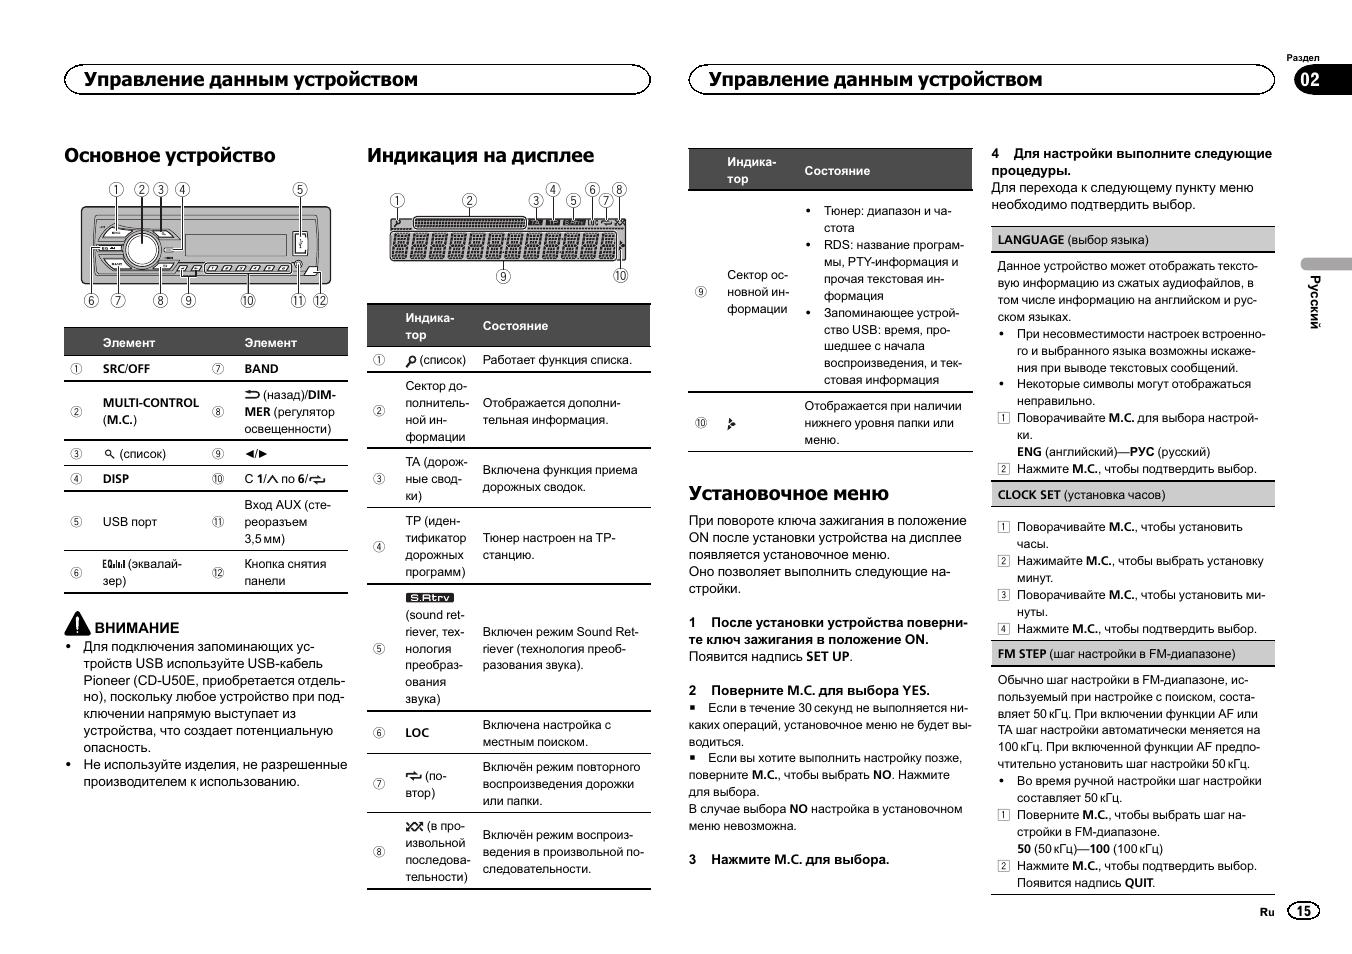 Основное устройство, Индикация на дисплее, Установочное